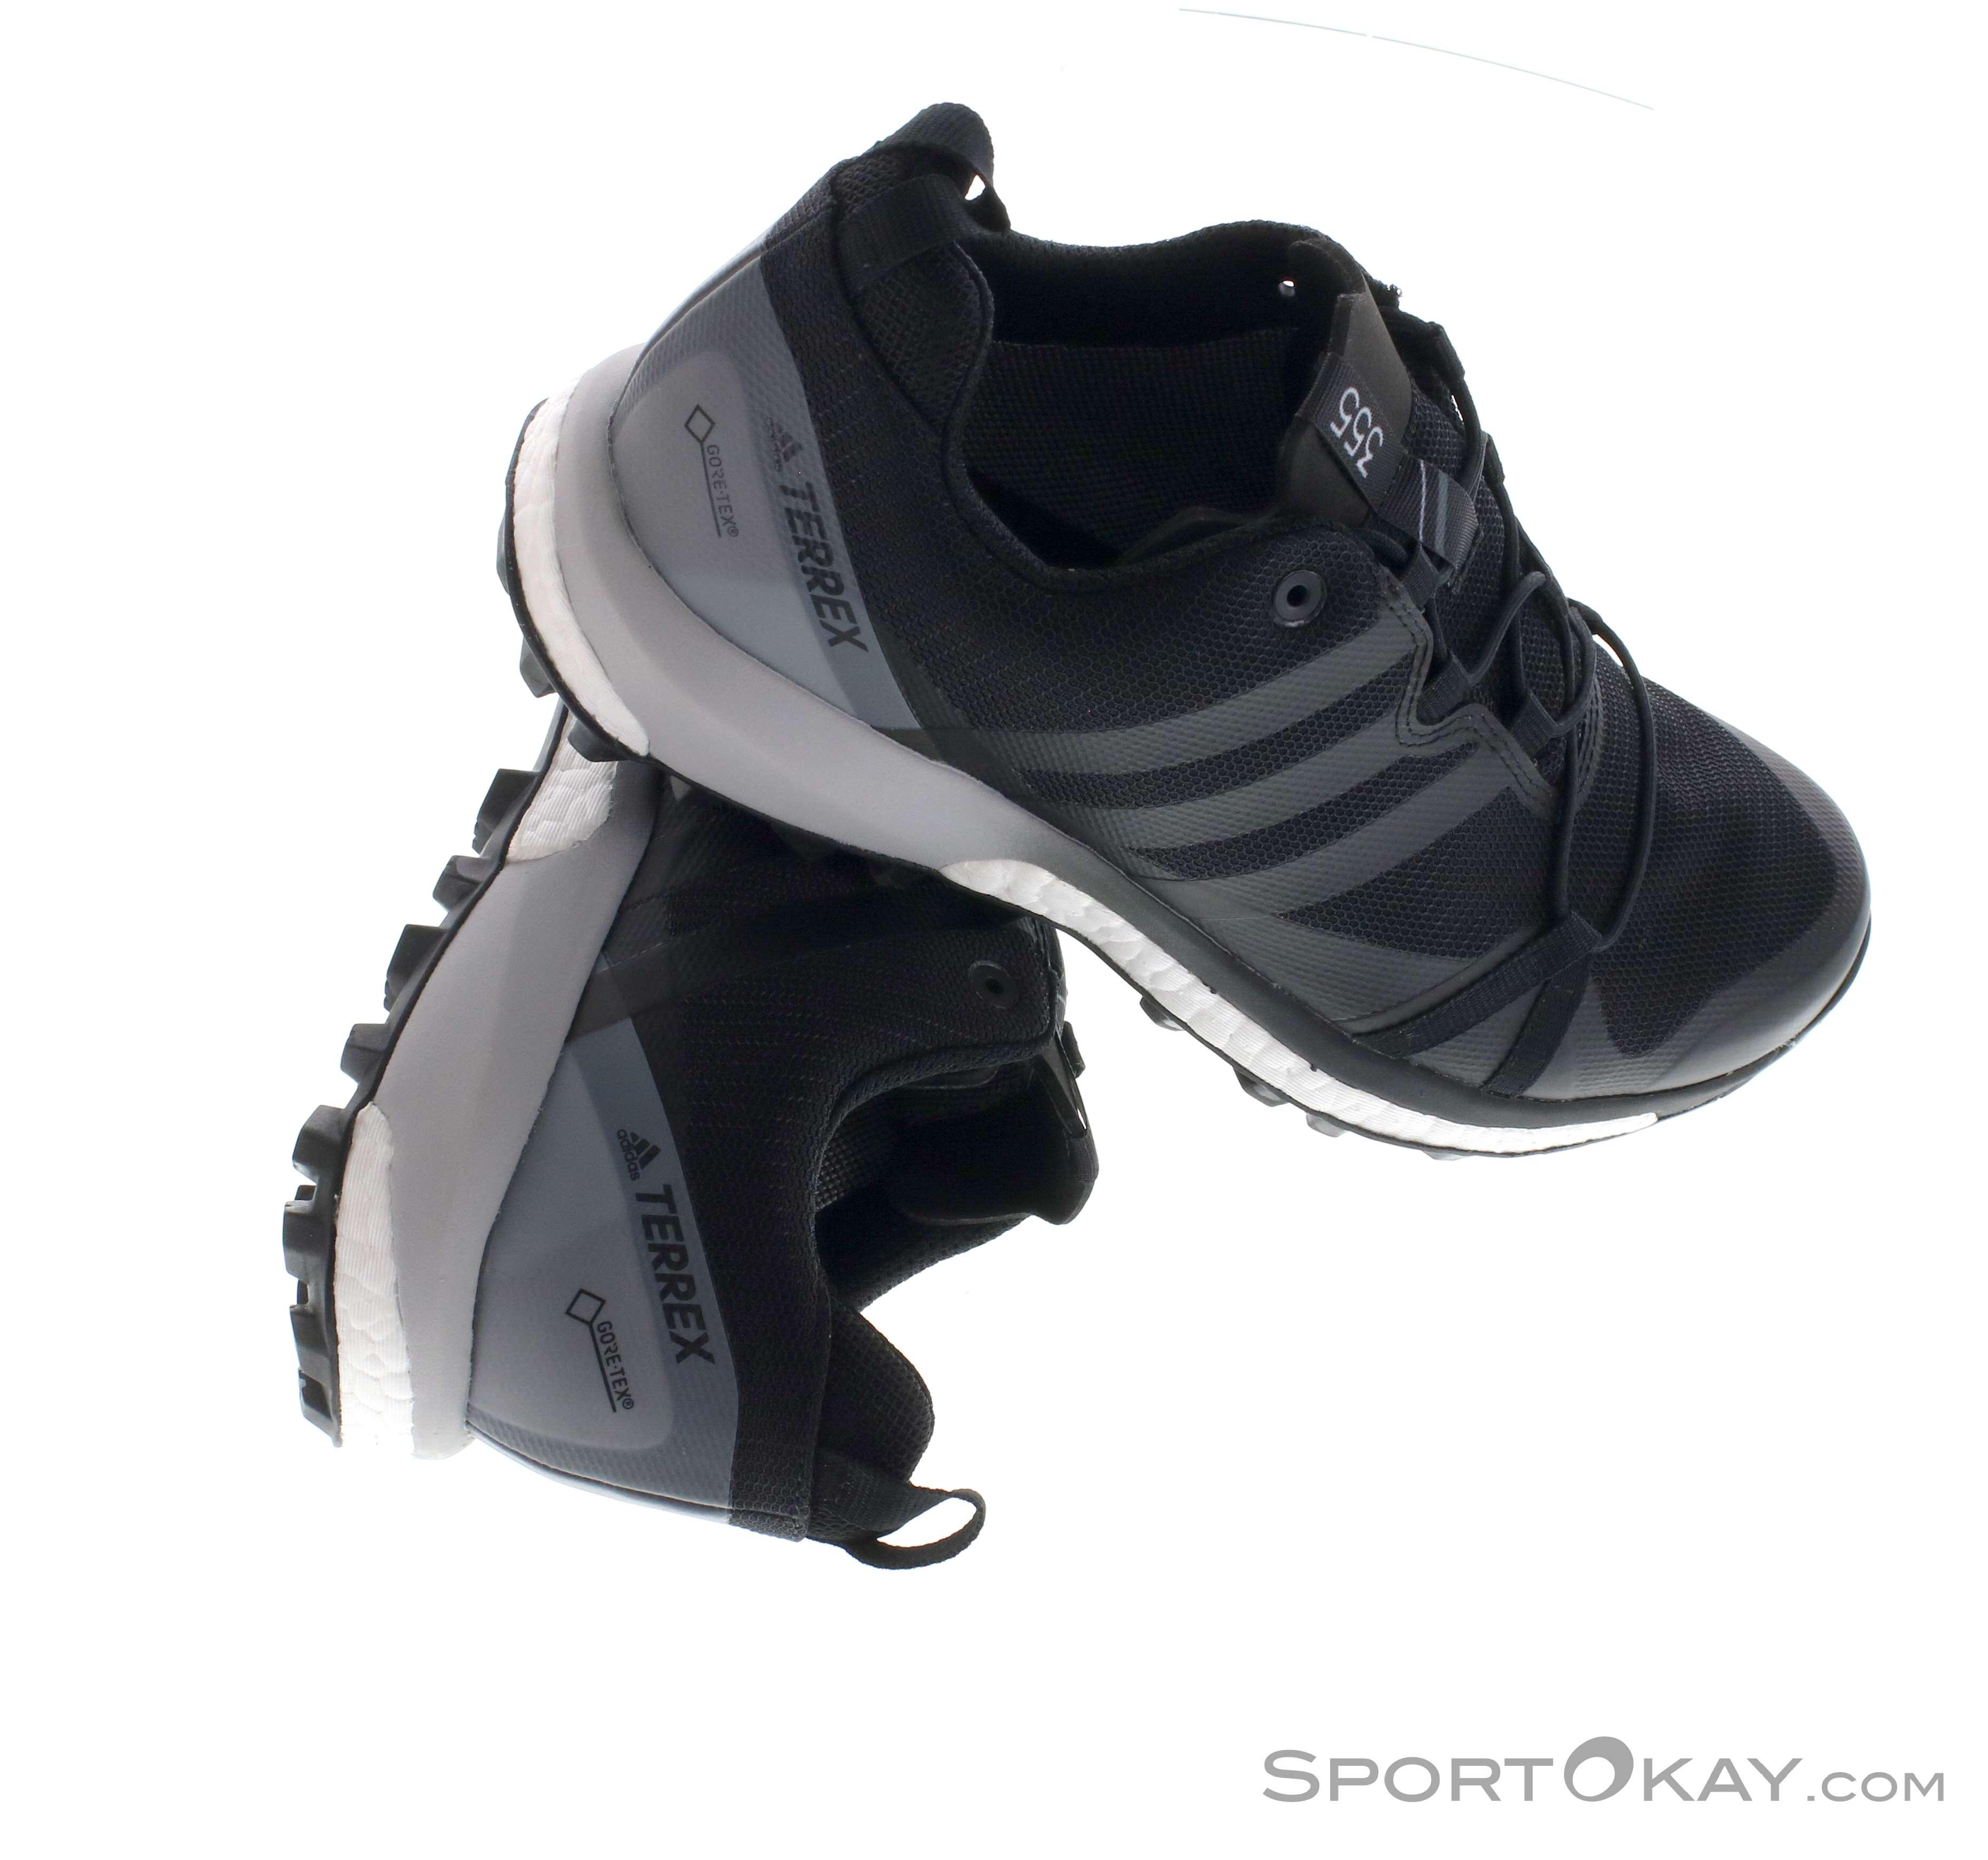 ad32ea80c adidas Terrex Agravic GTX Mens Trail Running Shoes Gore-Tex - Gore ...